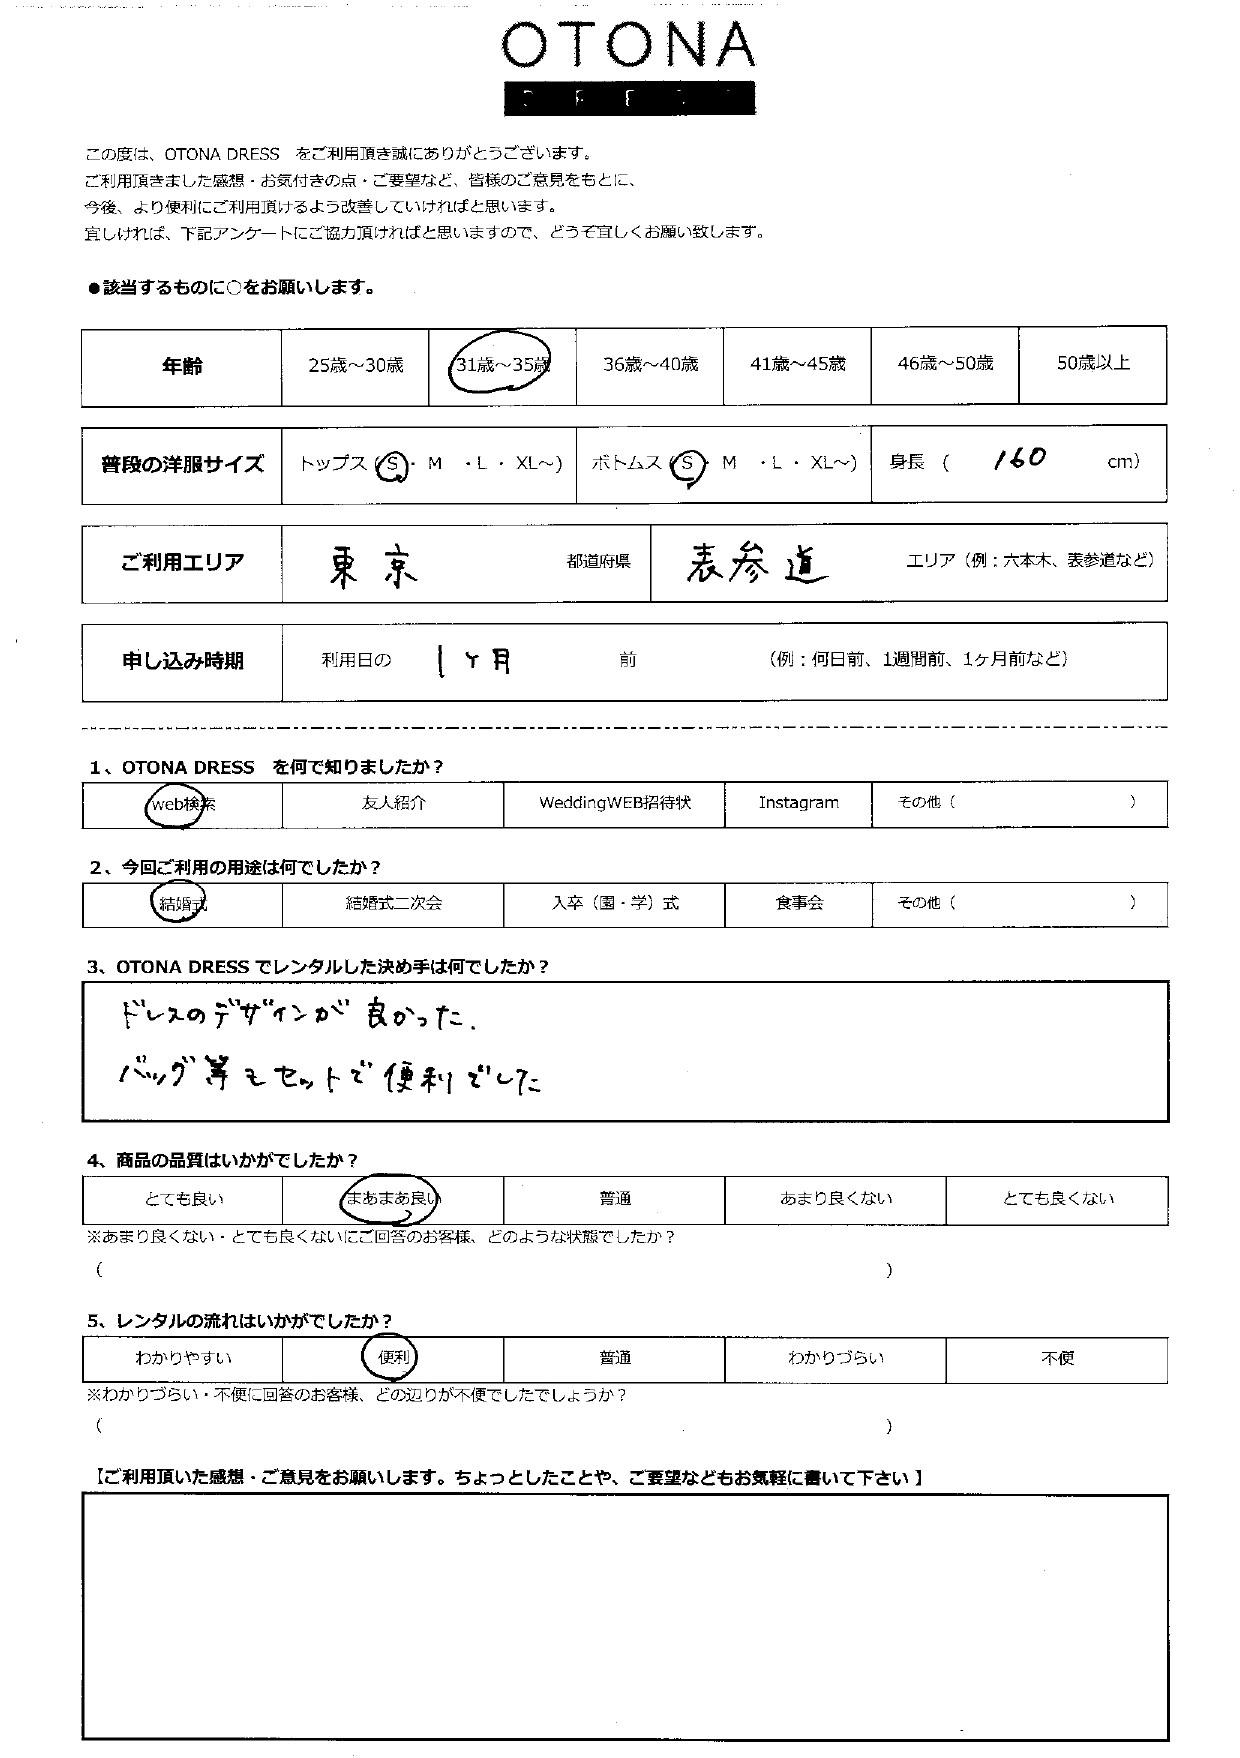 5/15結婚式ご利用 東京・表参道エリア